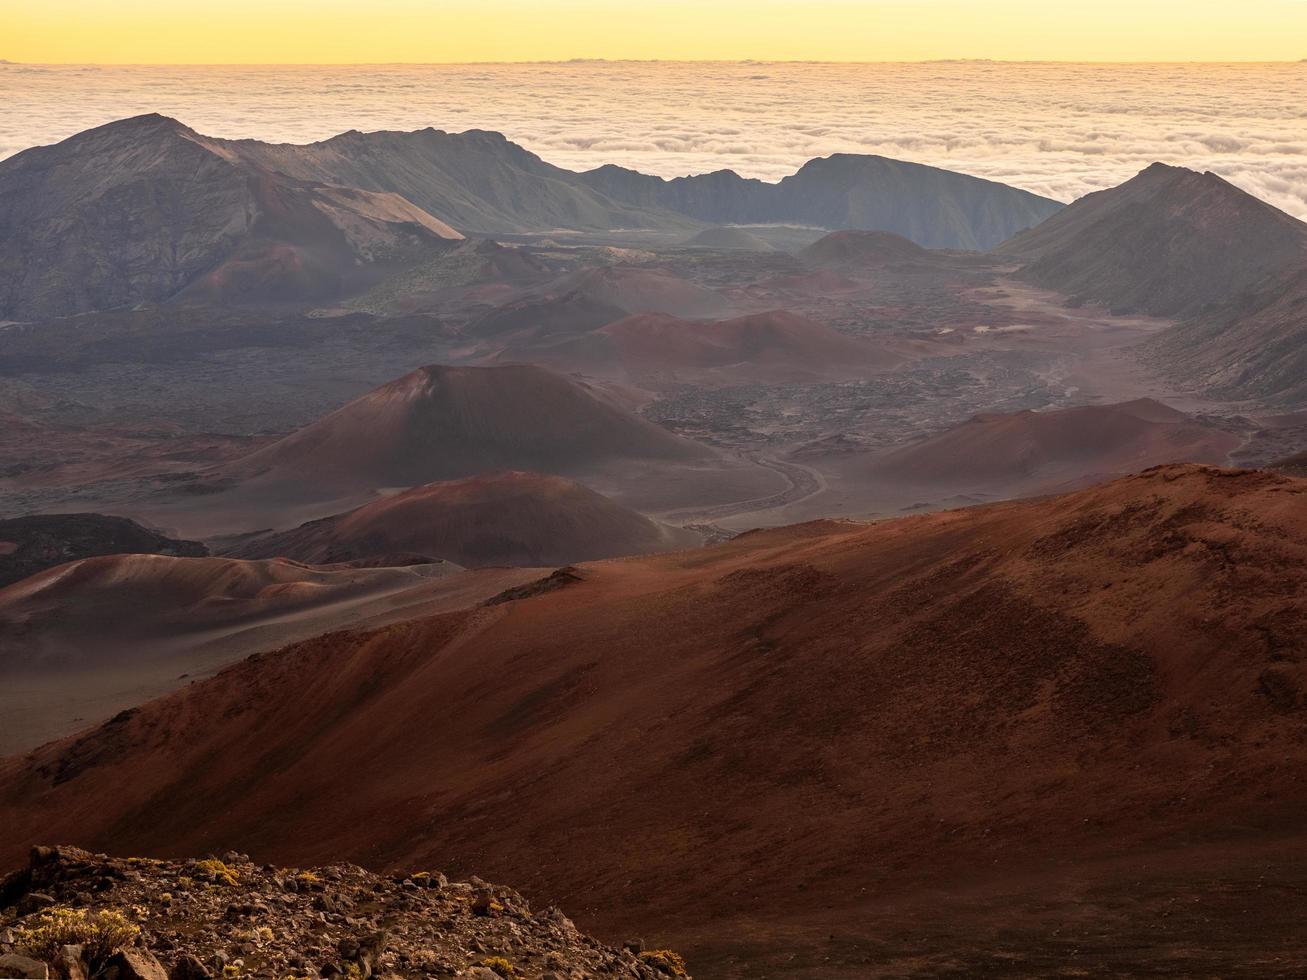 montagne marroni e nere foto